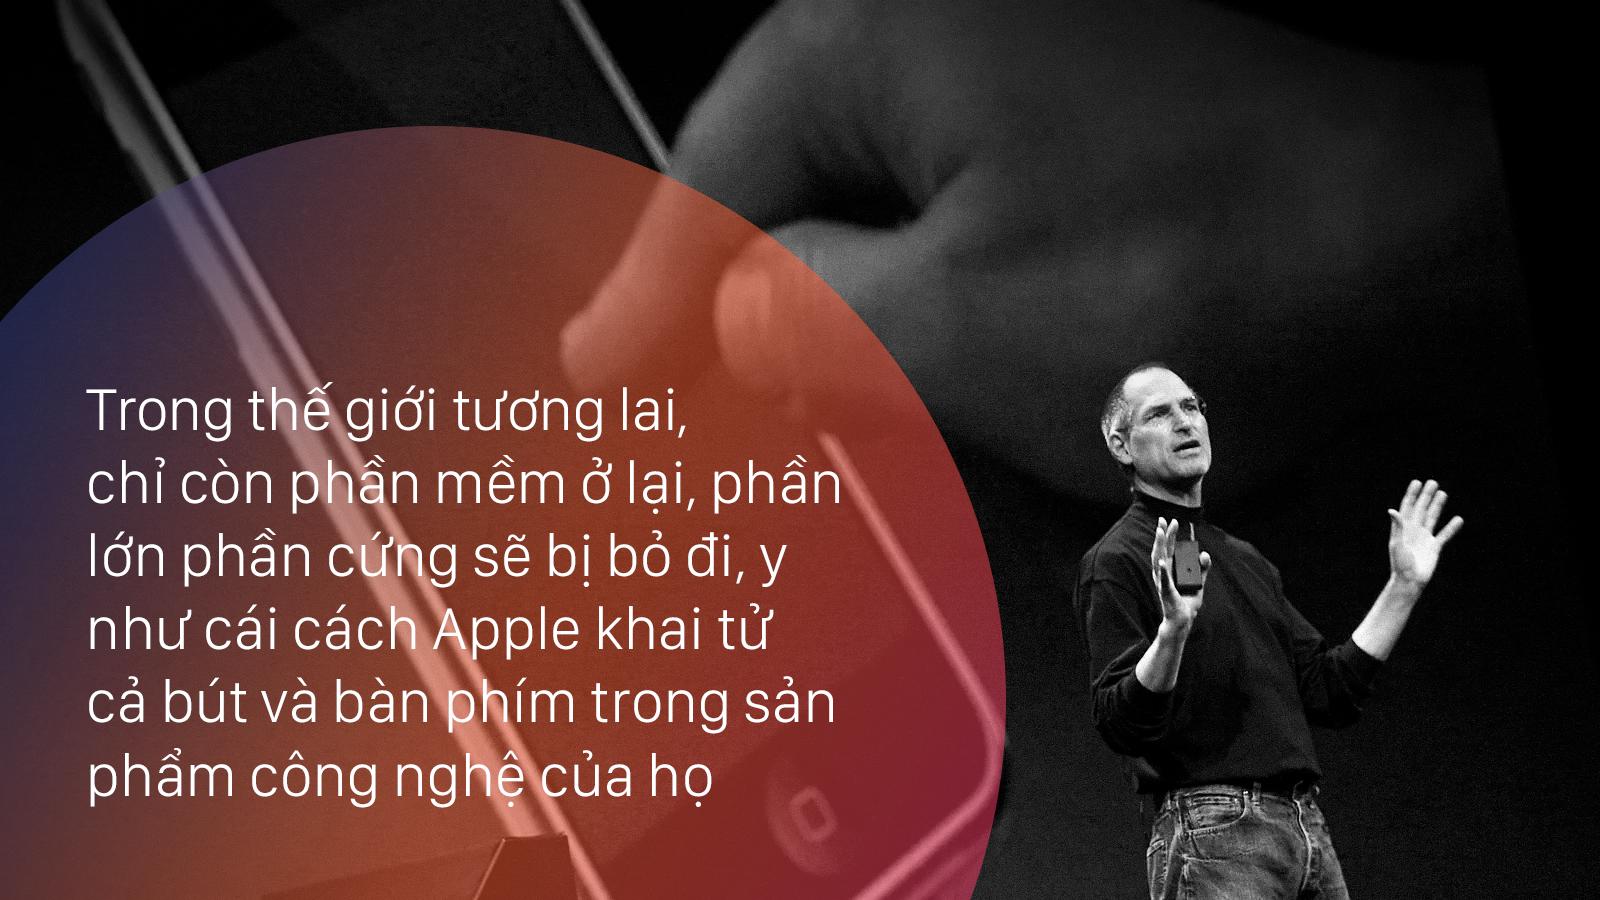 iPhone X: Mảnh ghép cuối trong chiếc quan tài smartphone của Apple? - Ảnh 6.